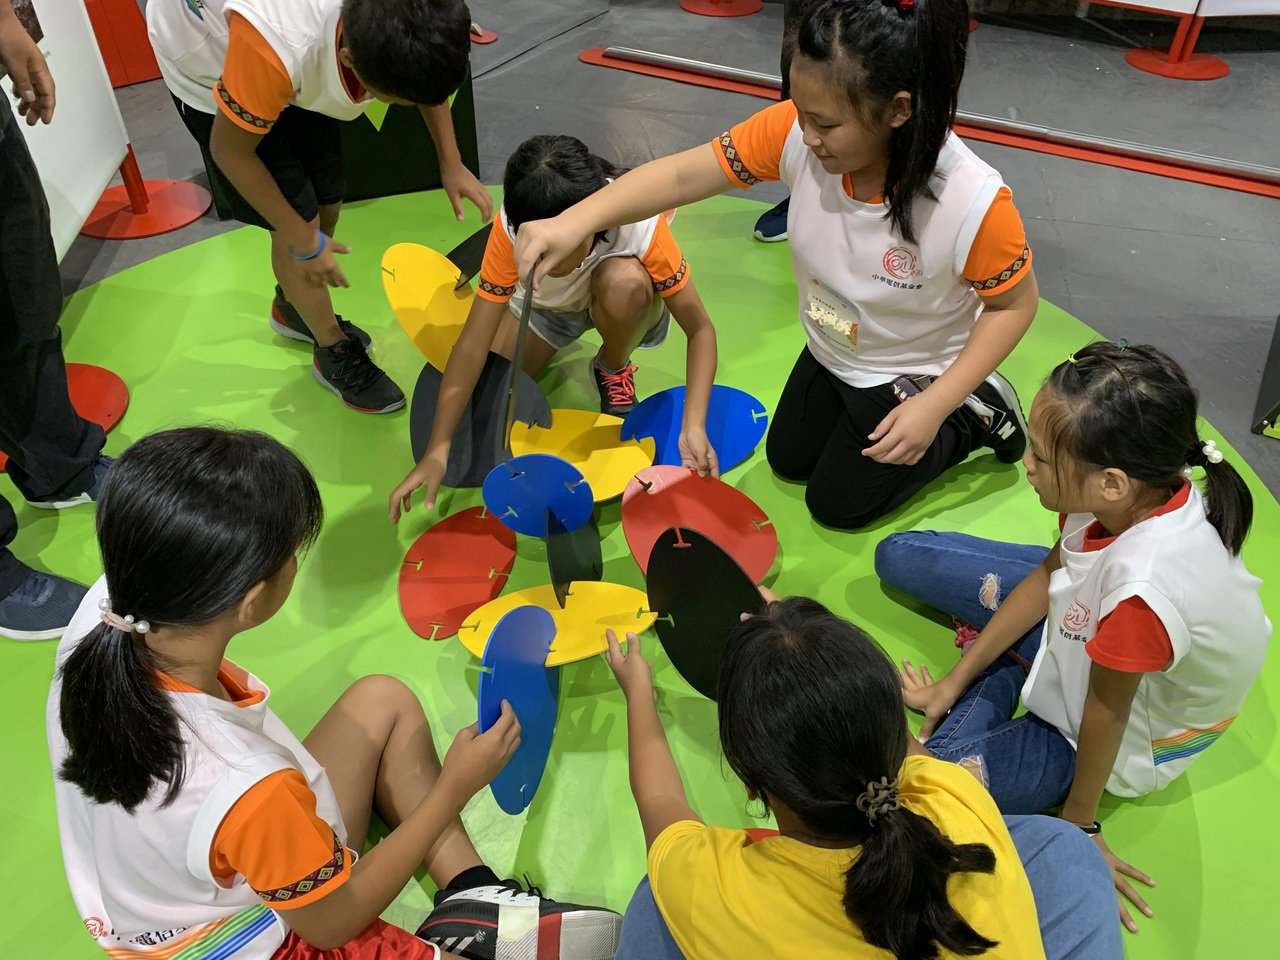 孩子們藉由彩色立體拼圖來建構空間感,用共同創作的方式方式展現團隊合作的精神 圖/...